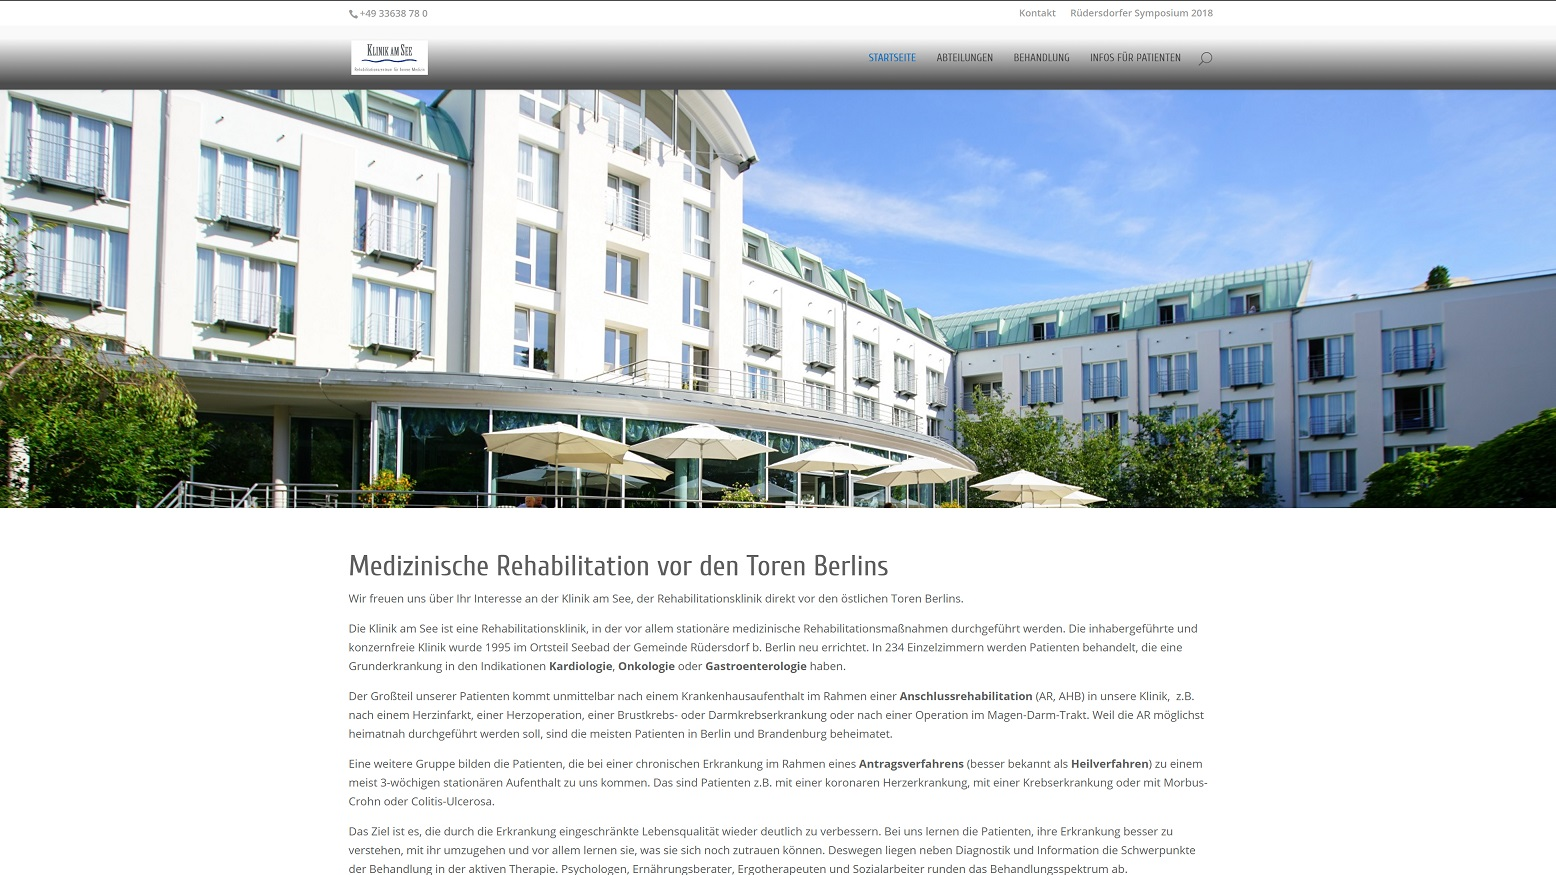 neue Homepage der Klinik am See | Klinik am See